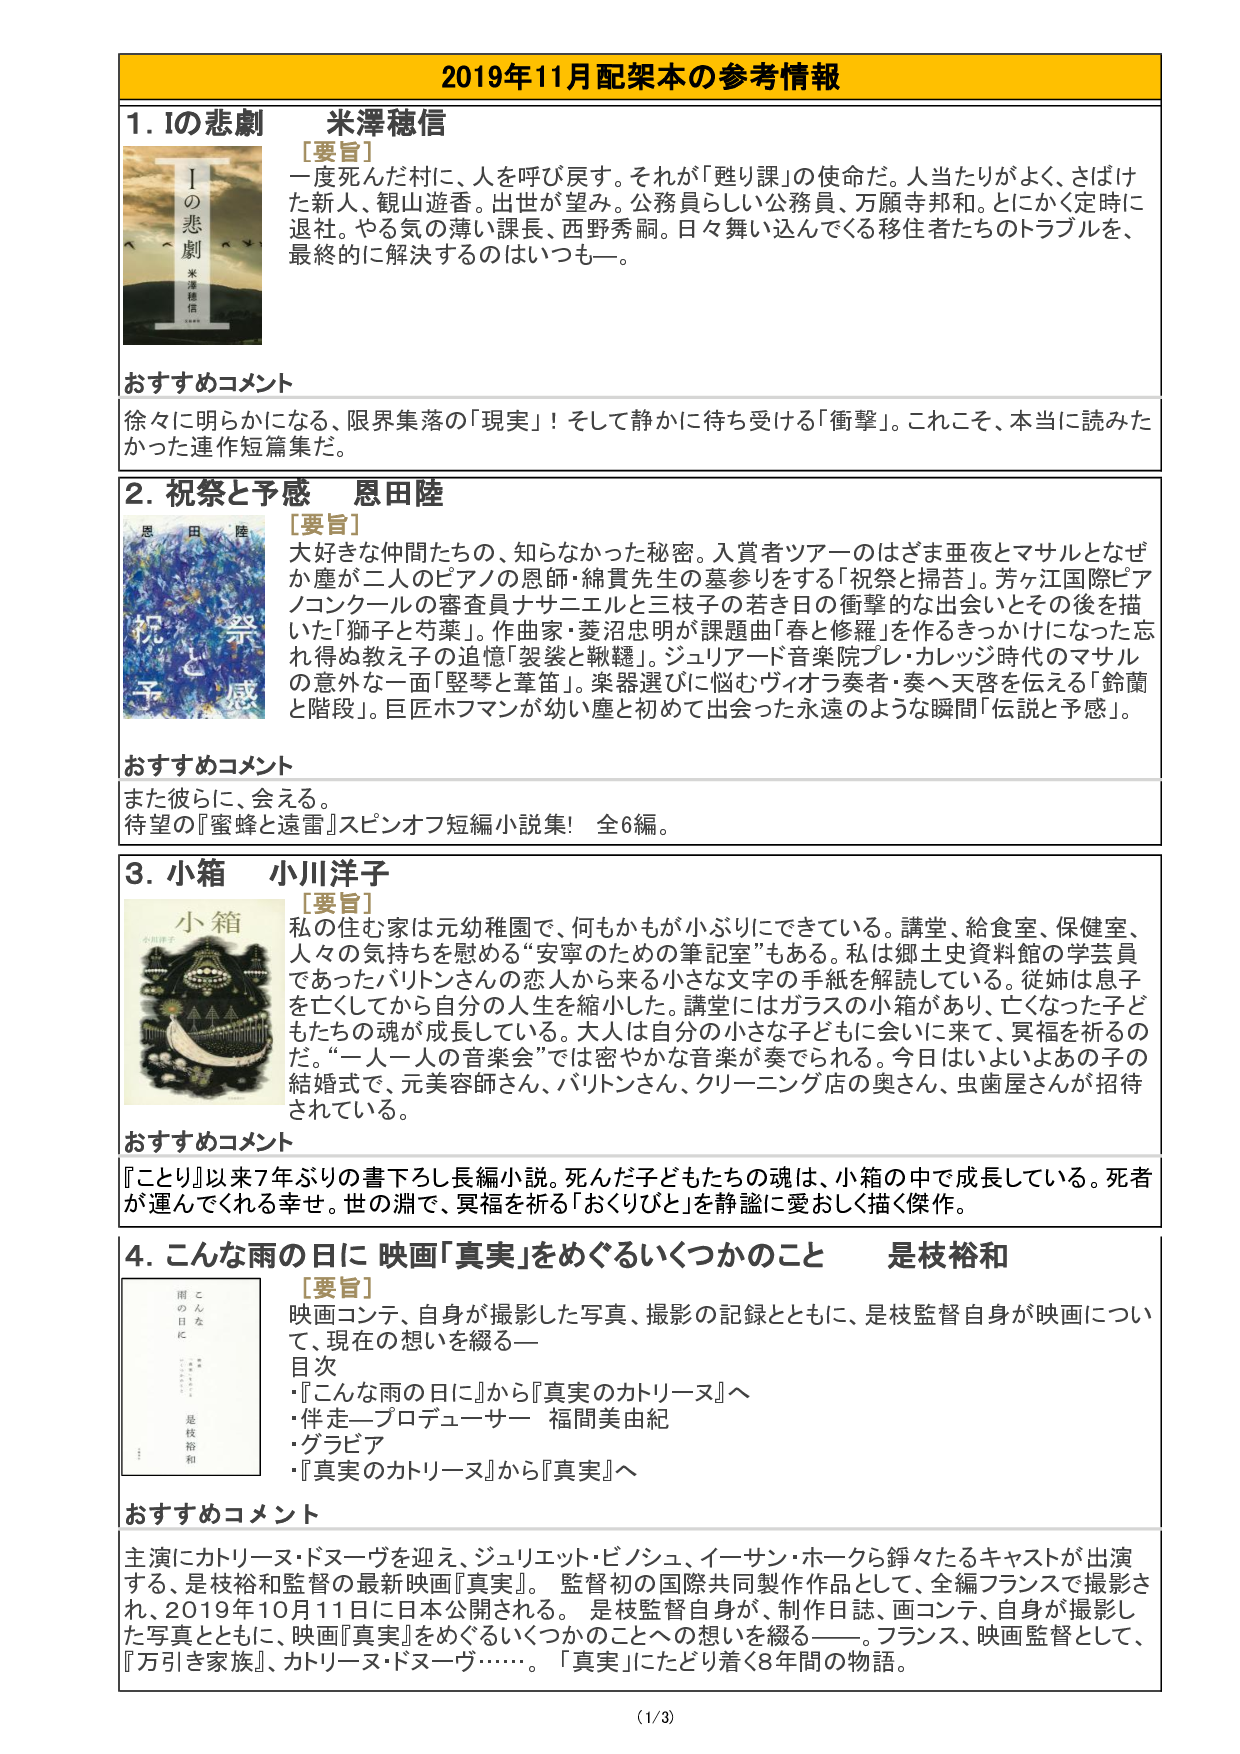 配架本の参考情報2019年11月分_p001